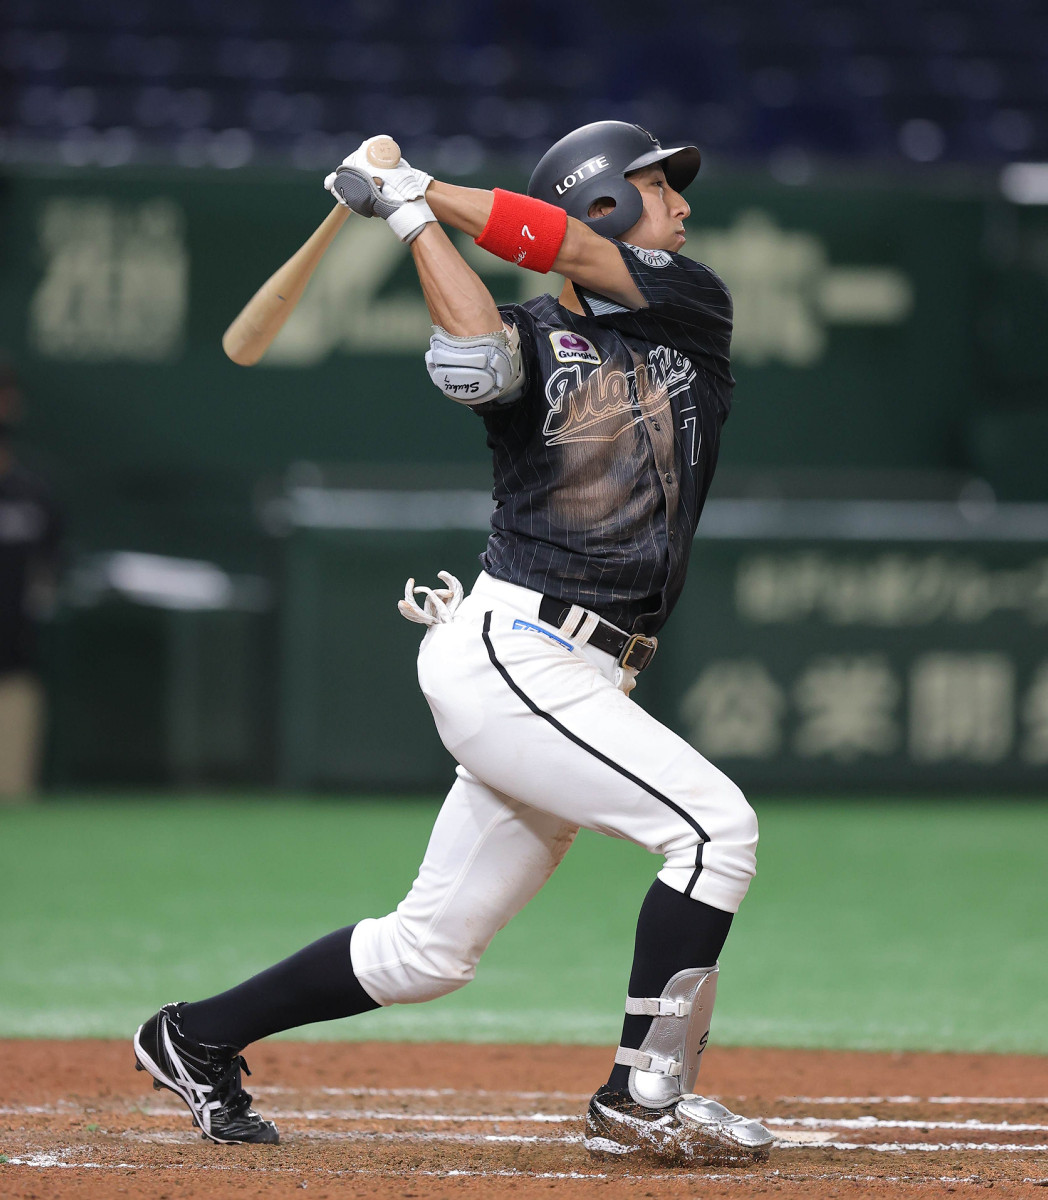 【ロッテ】福田秀平が実戦復帰「いつでも出場できる状態です」 : スポーツ報知